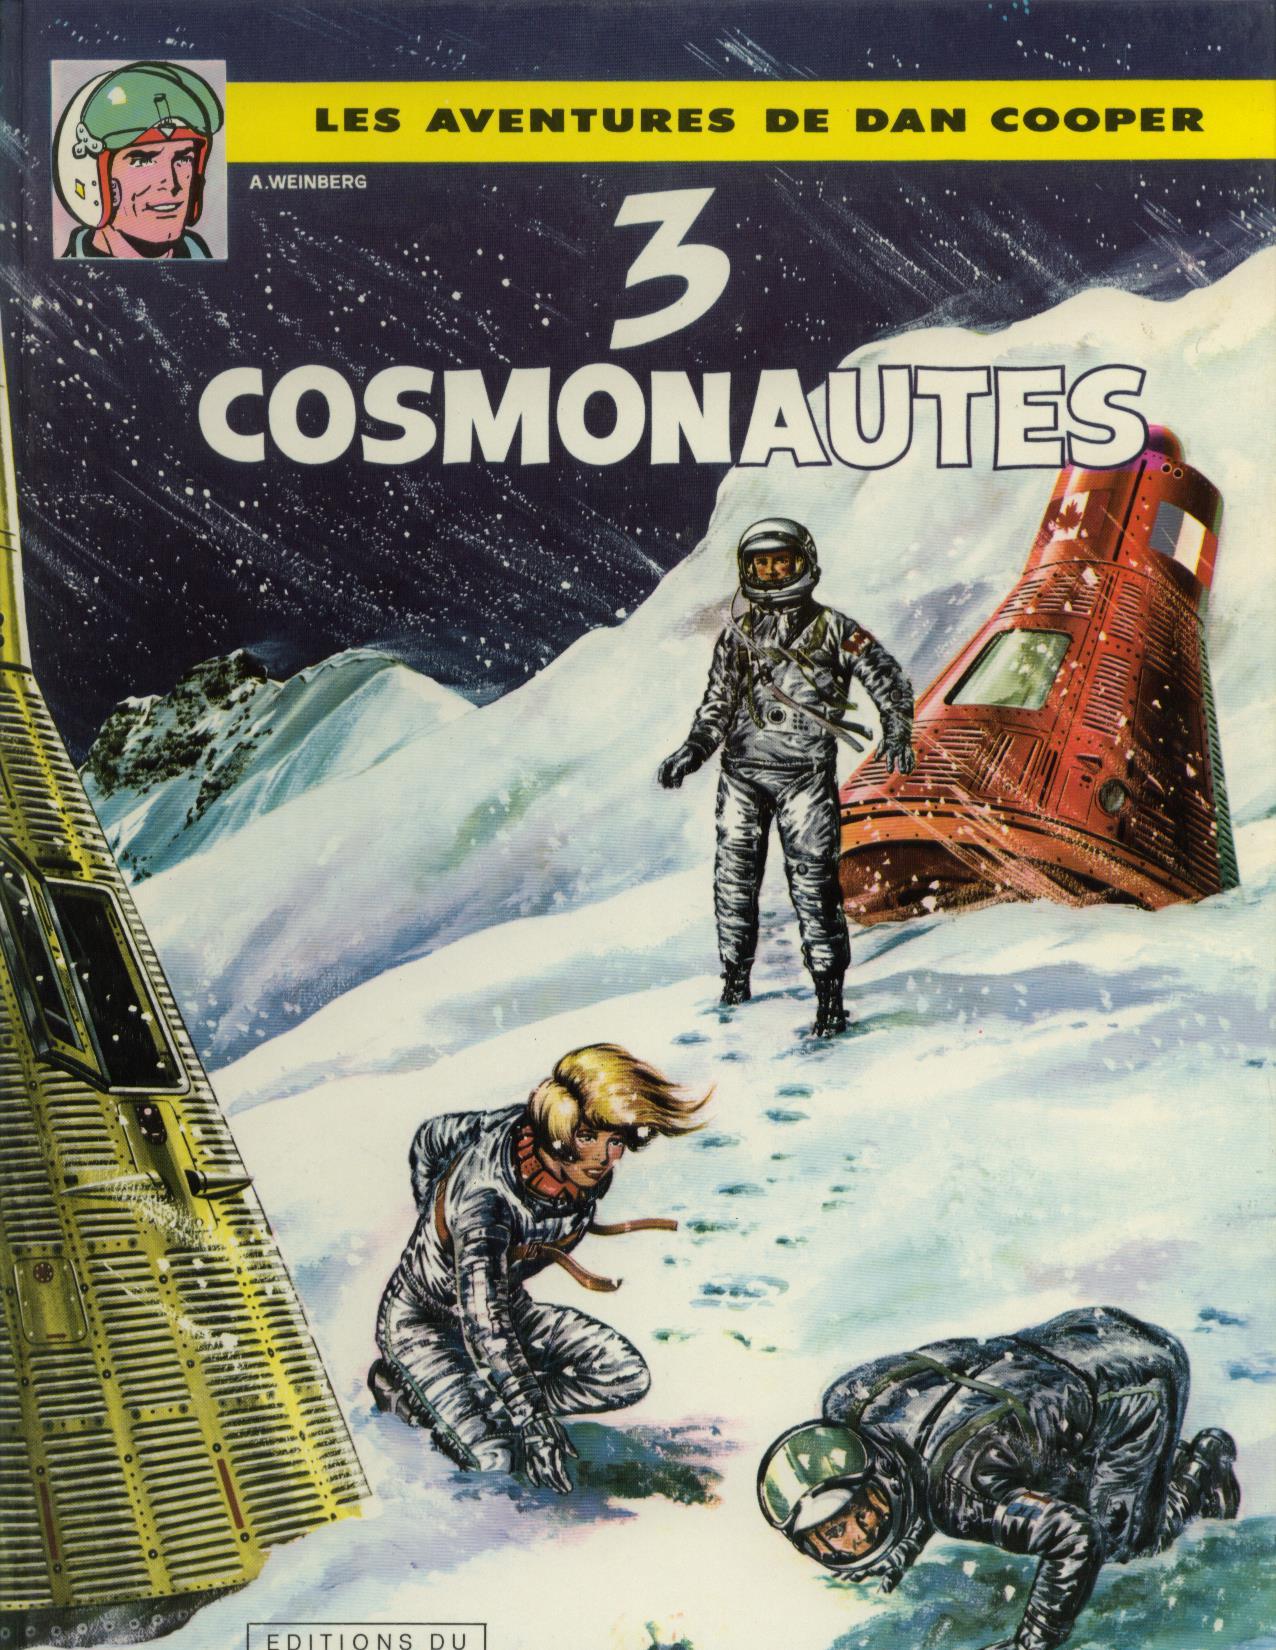 Base de lancement en Suisse ? Dan_cooper_3_cosmonautes